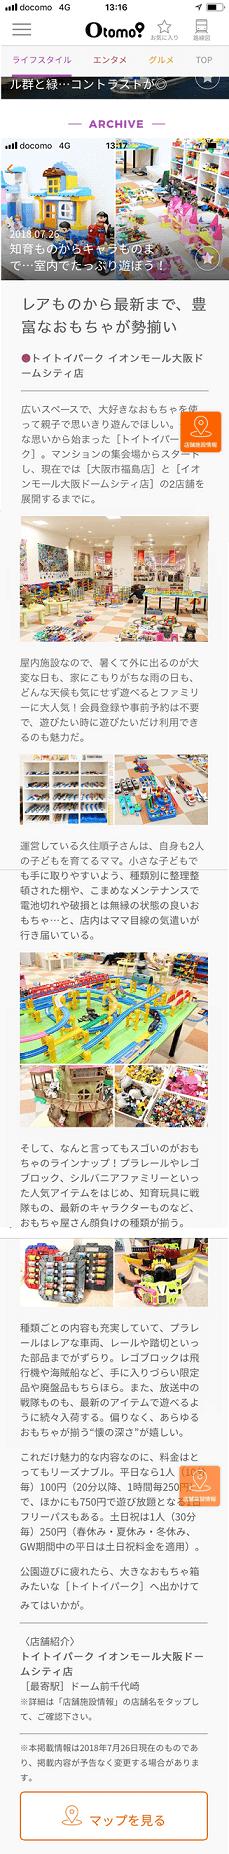 大阪地下鉄アプリ「Otomo!」に掲載